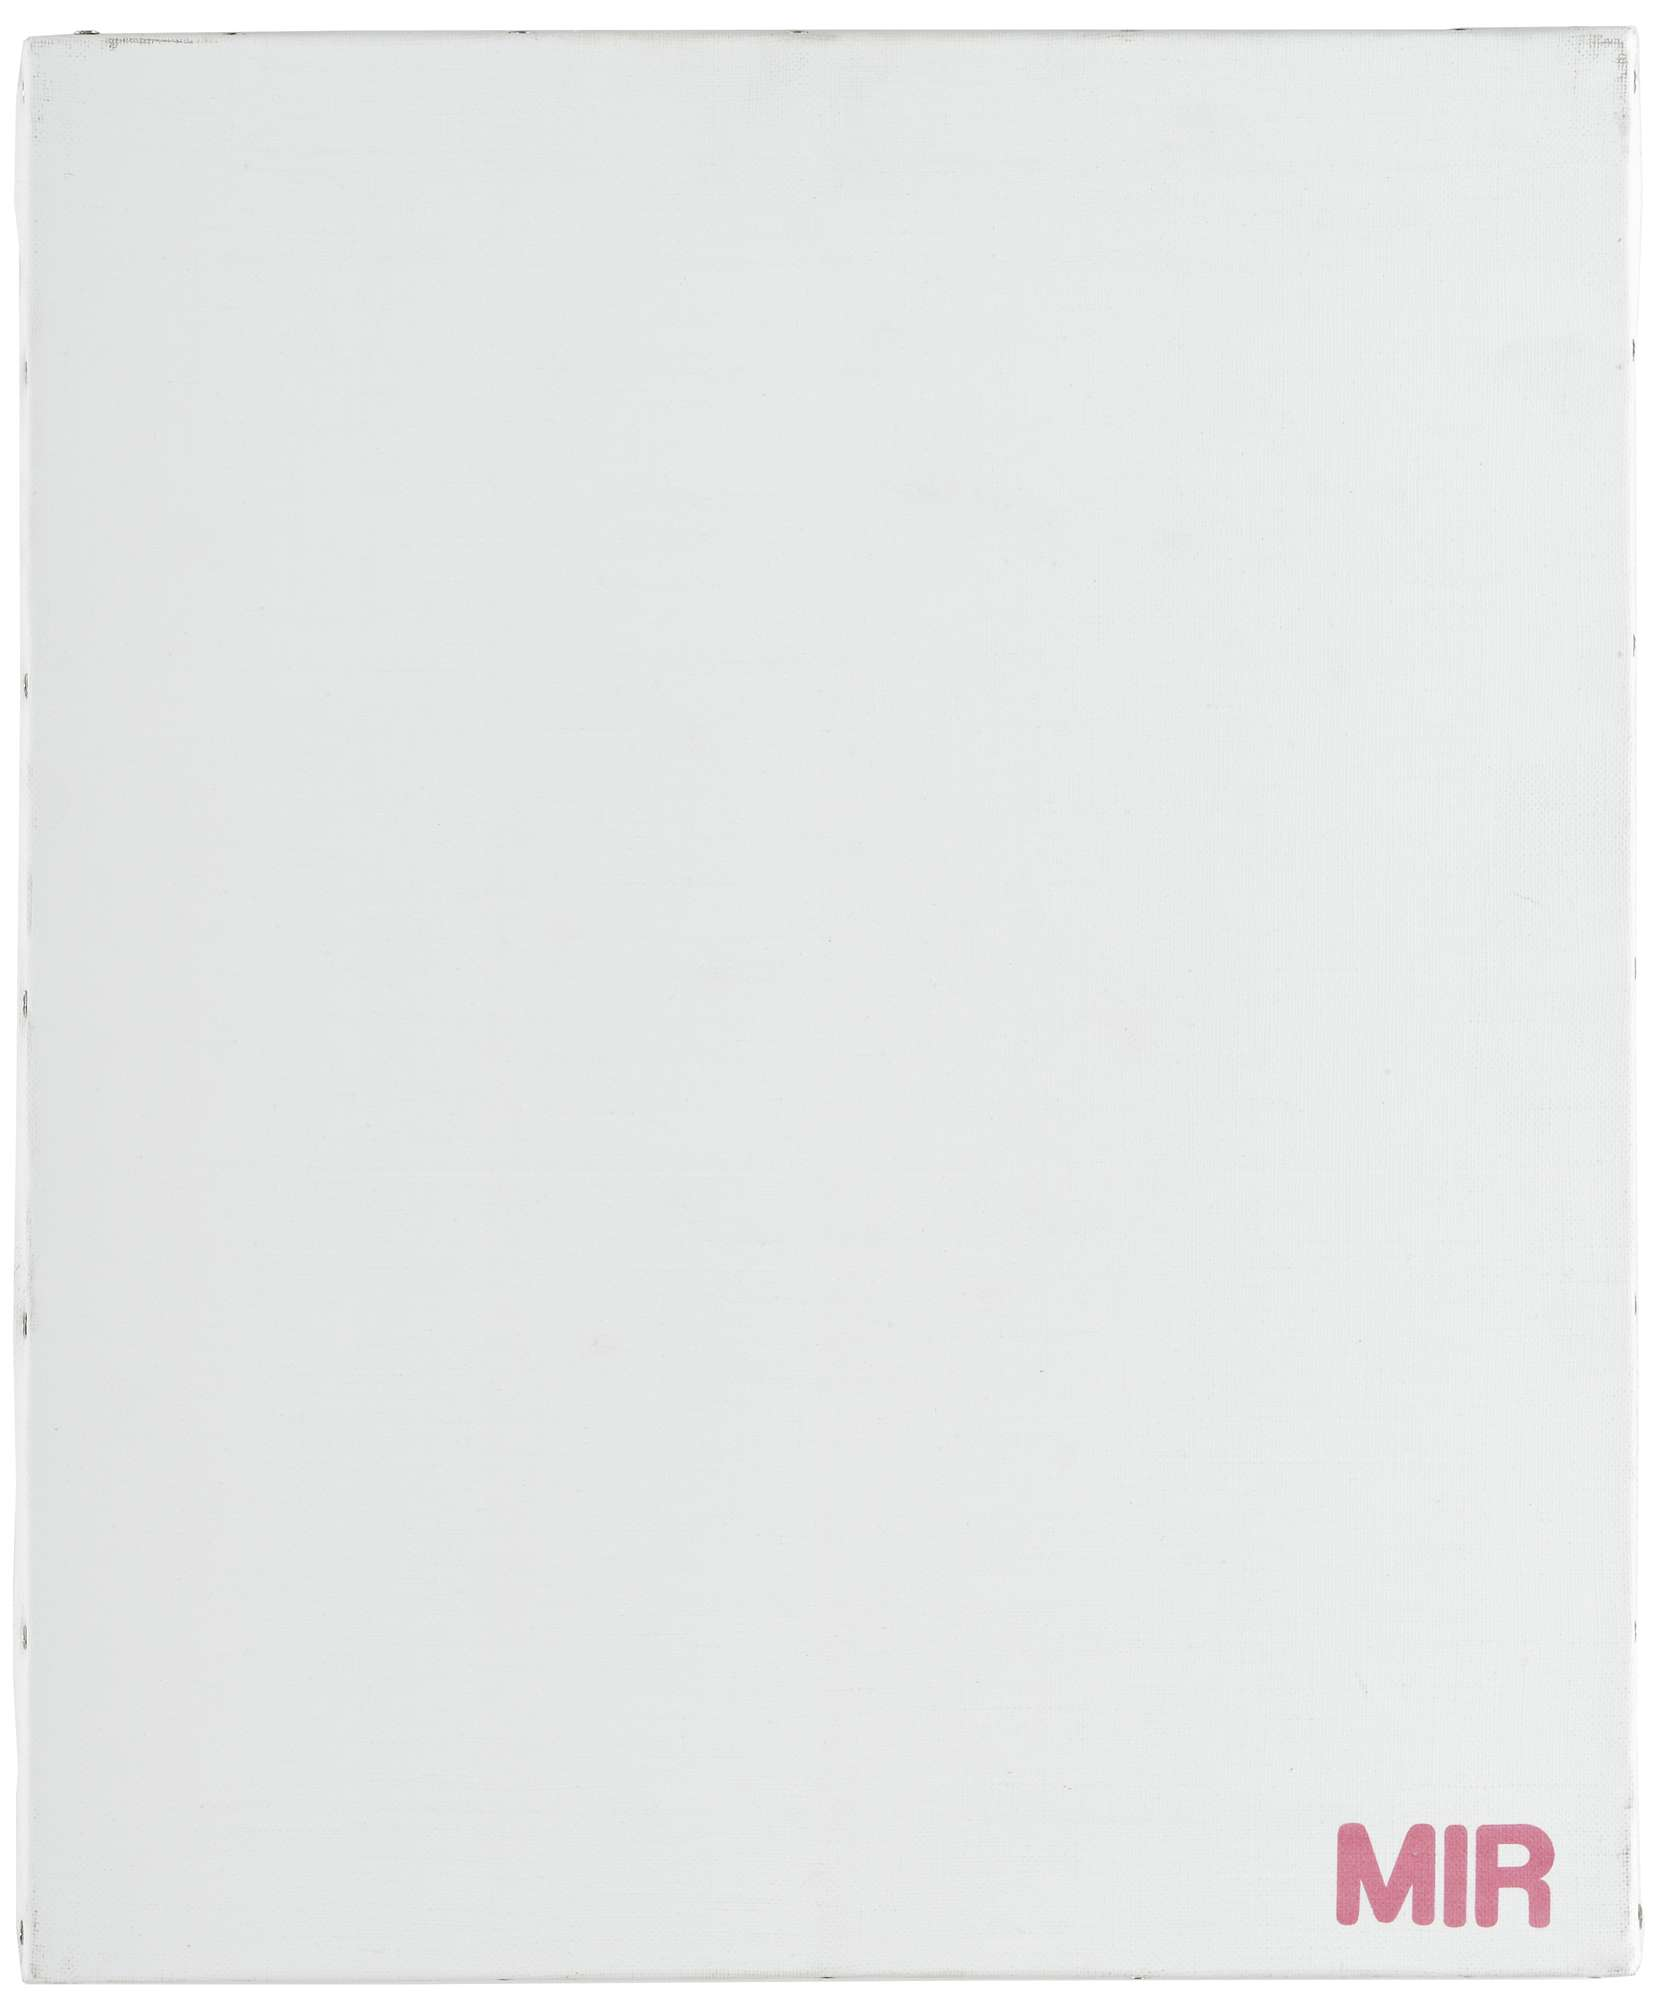 Présence Panchounette, Monochrome lessive (Mir), 1988 Acrylique et décalcomanie sur toile46 × 38 cm / 18 1/8 × 15  in.